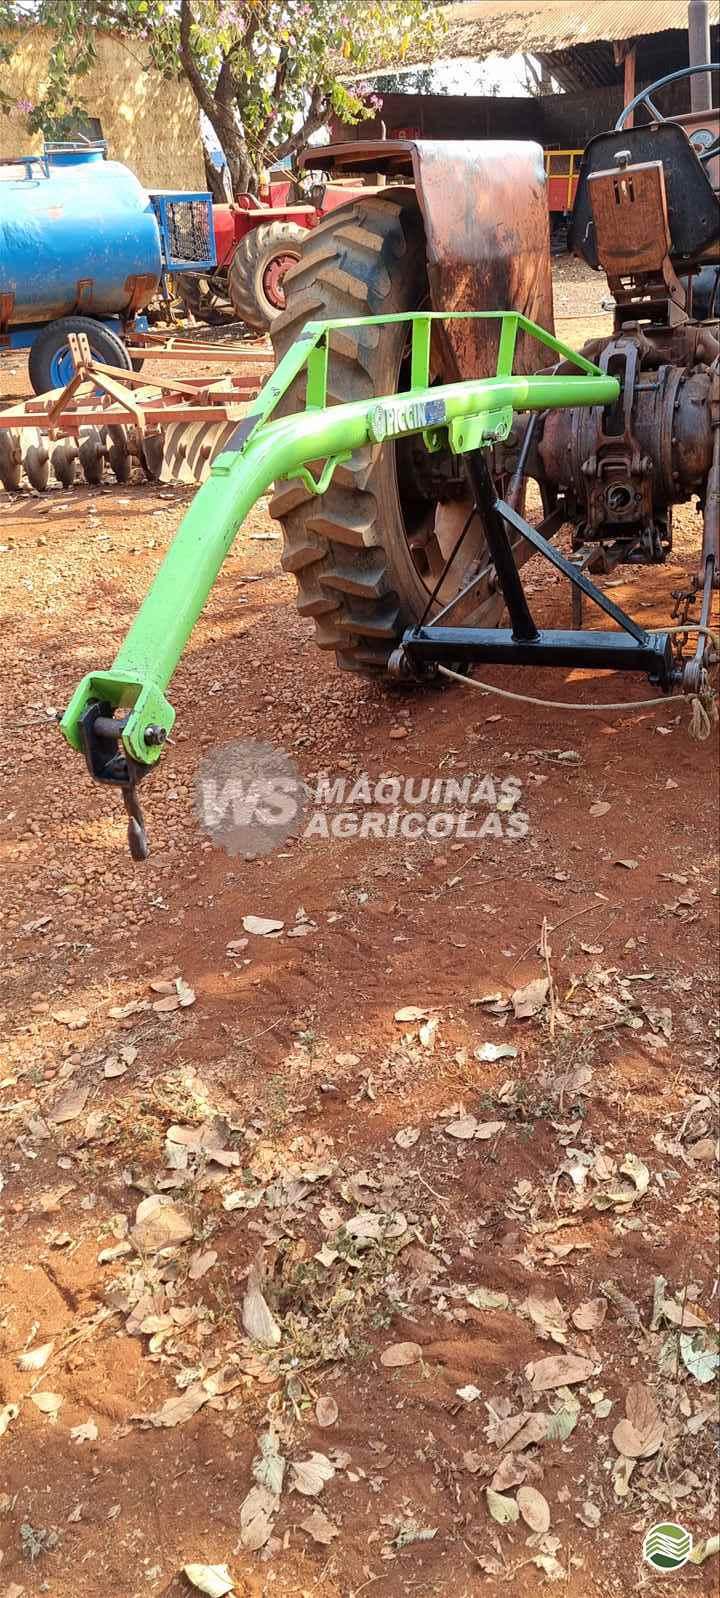 IMPLEMENTOS AGRICOLAS GUINCHO GUINCHO 800 Kg WS Máquinas Agrícolas SERTAOZINHO SÃO PAULO SP